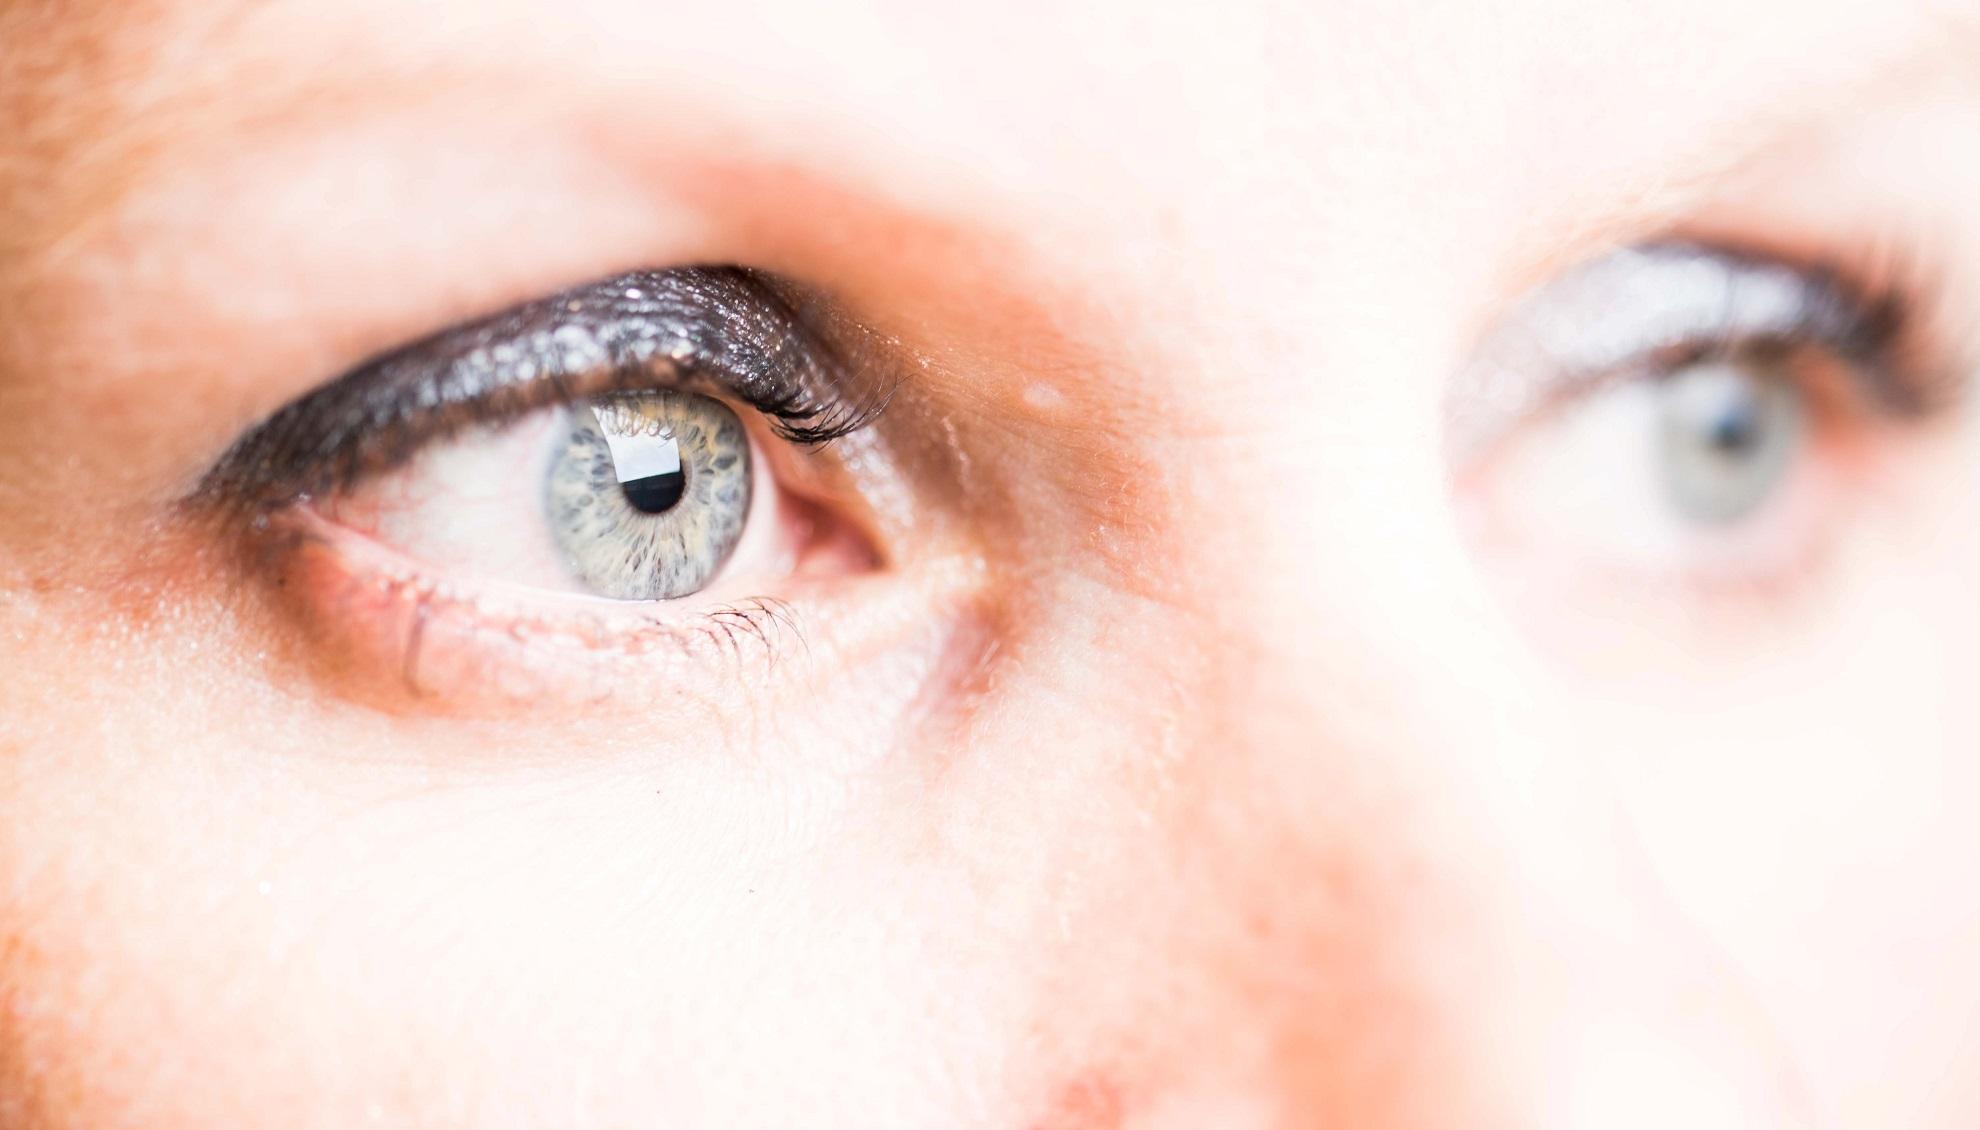 Kontaktlinsen-Augen